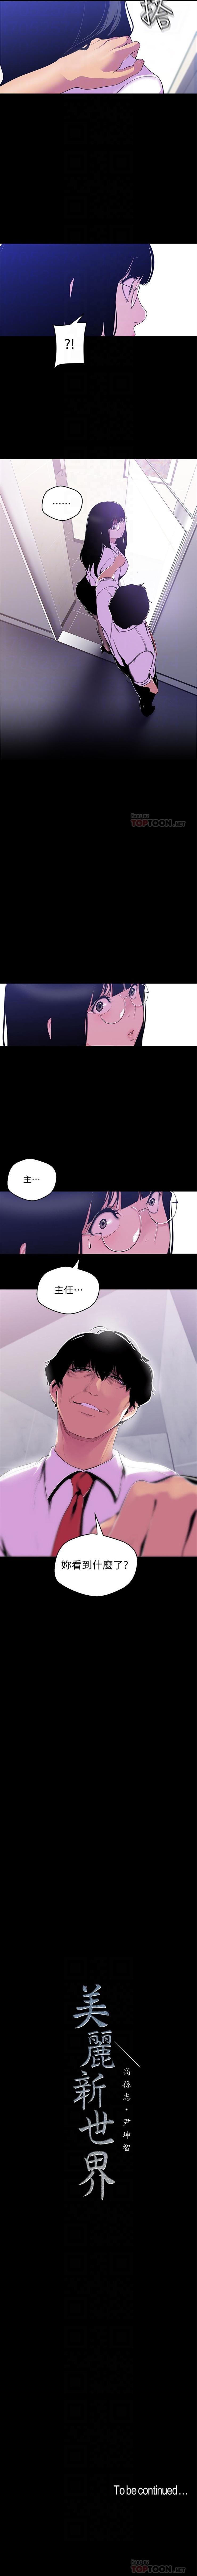 (周6)美丽新世界 1-61 中文翻译 (更新中) 460